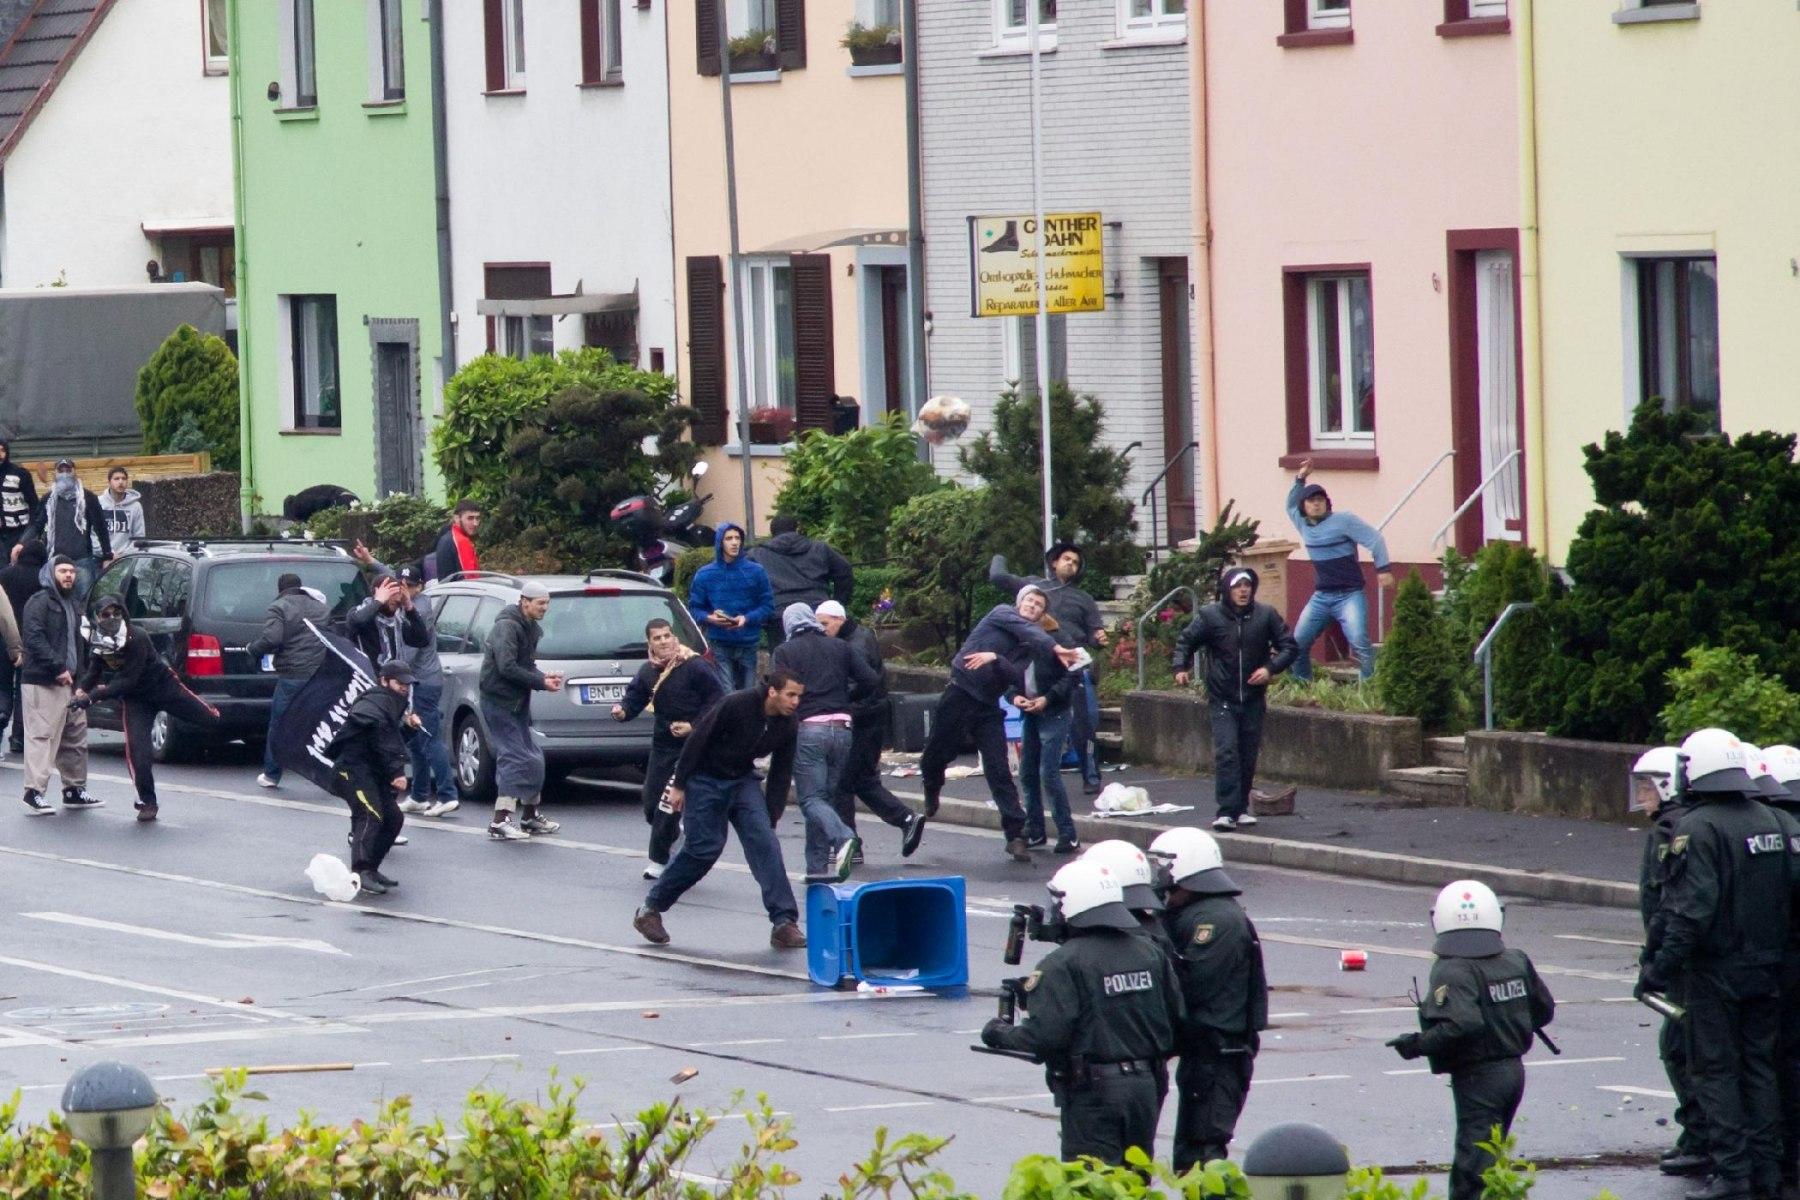 Demo Pro NRW Rat der Muslime: Die Gewalt eskalierte Foto: Roland KOhlsAuf der Ellesdorfer Straße eskalierte die Gewalt.